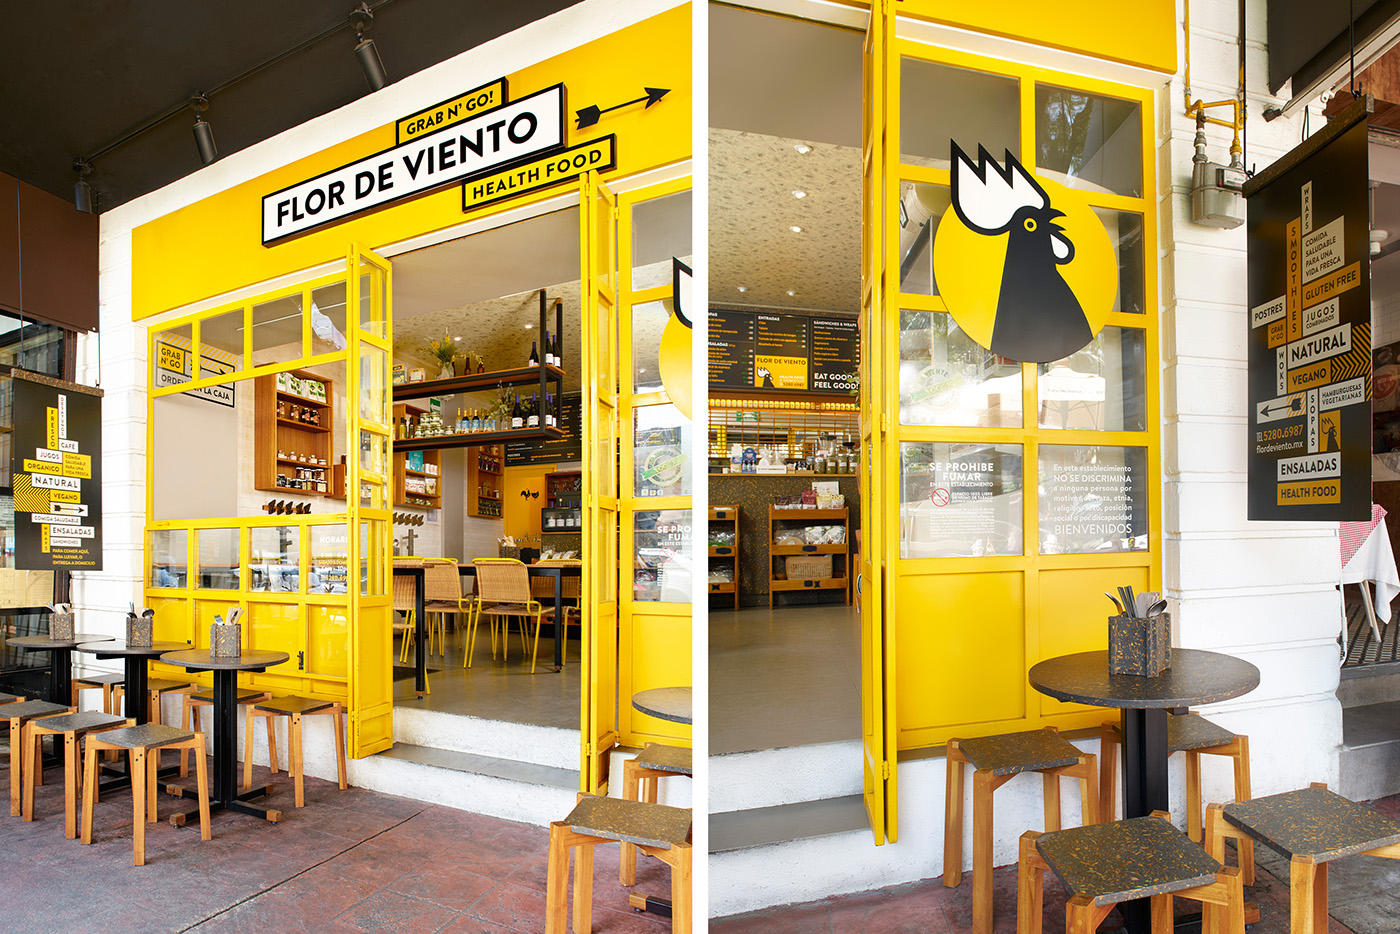 Flor de viento restaurant branding on behance